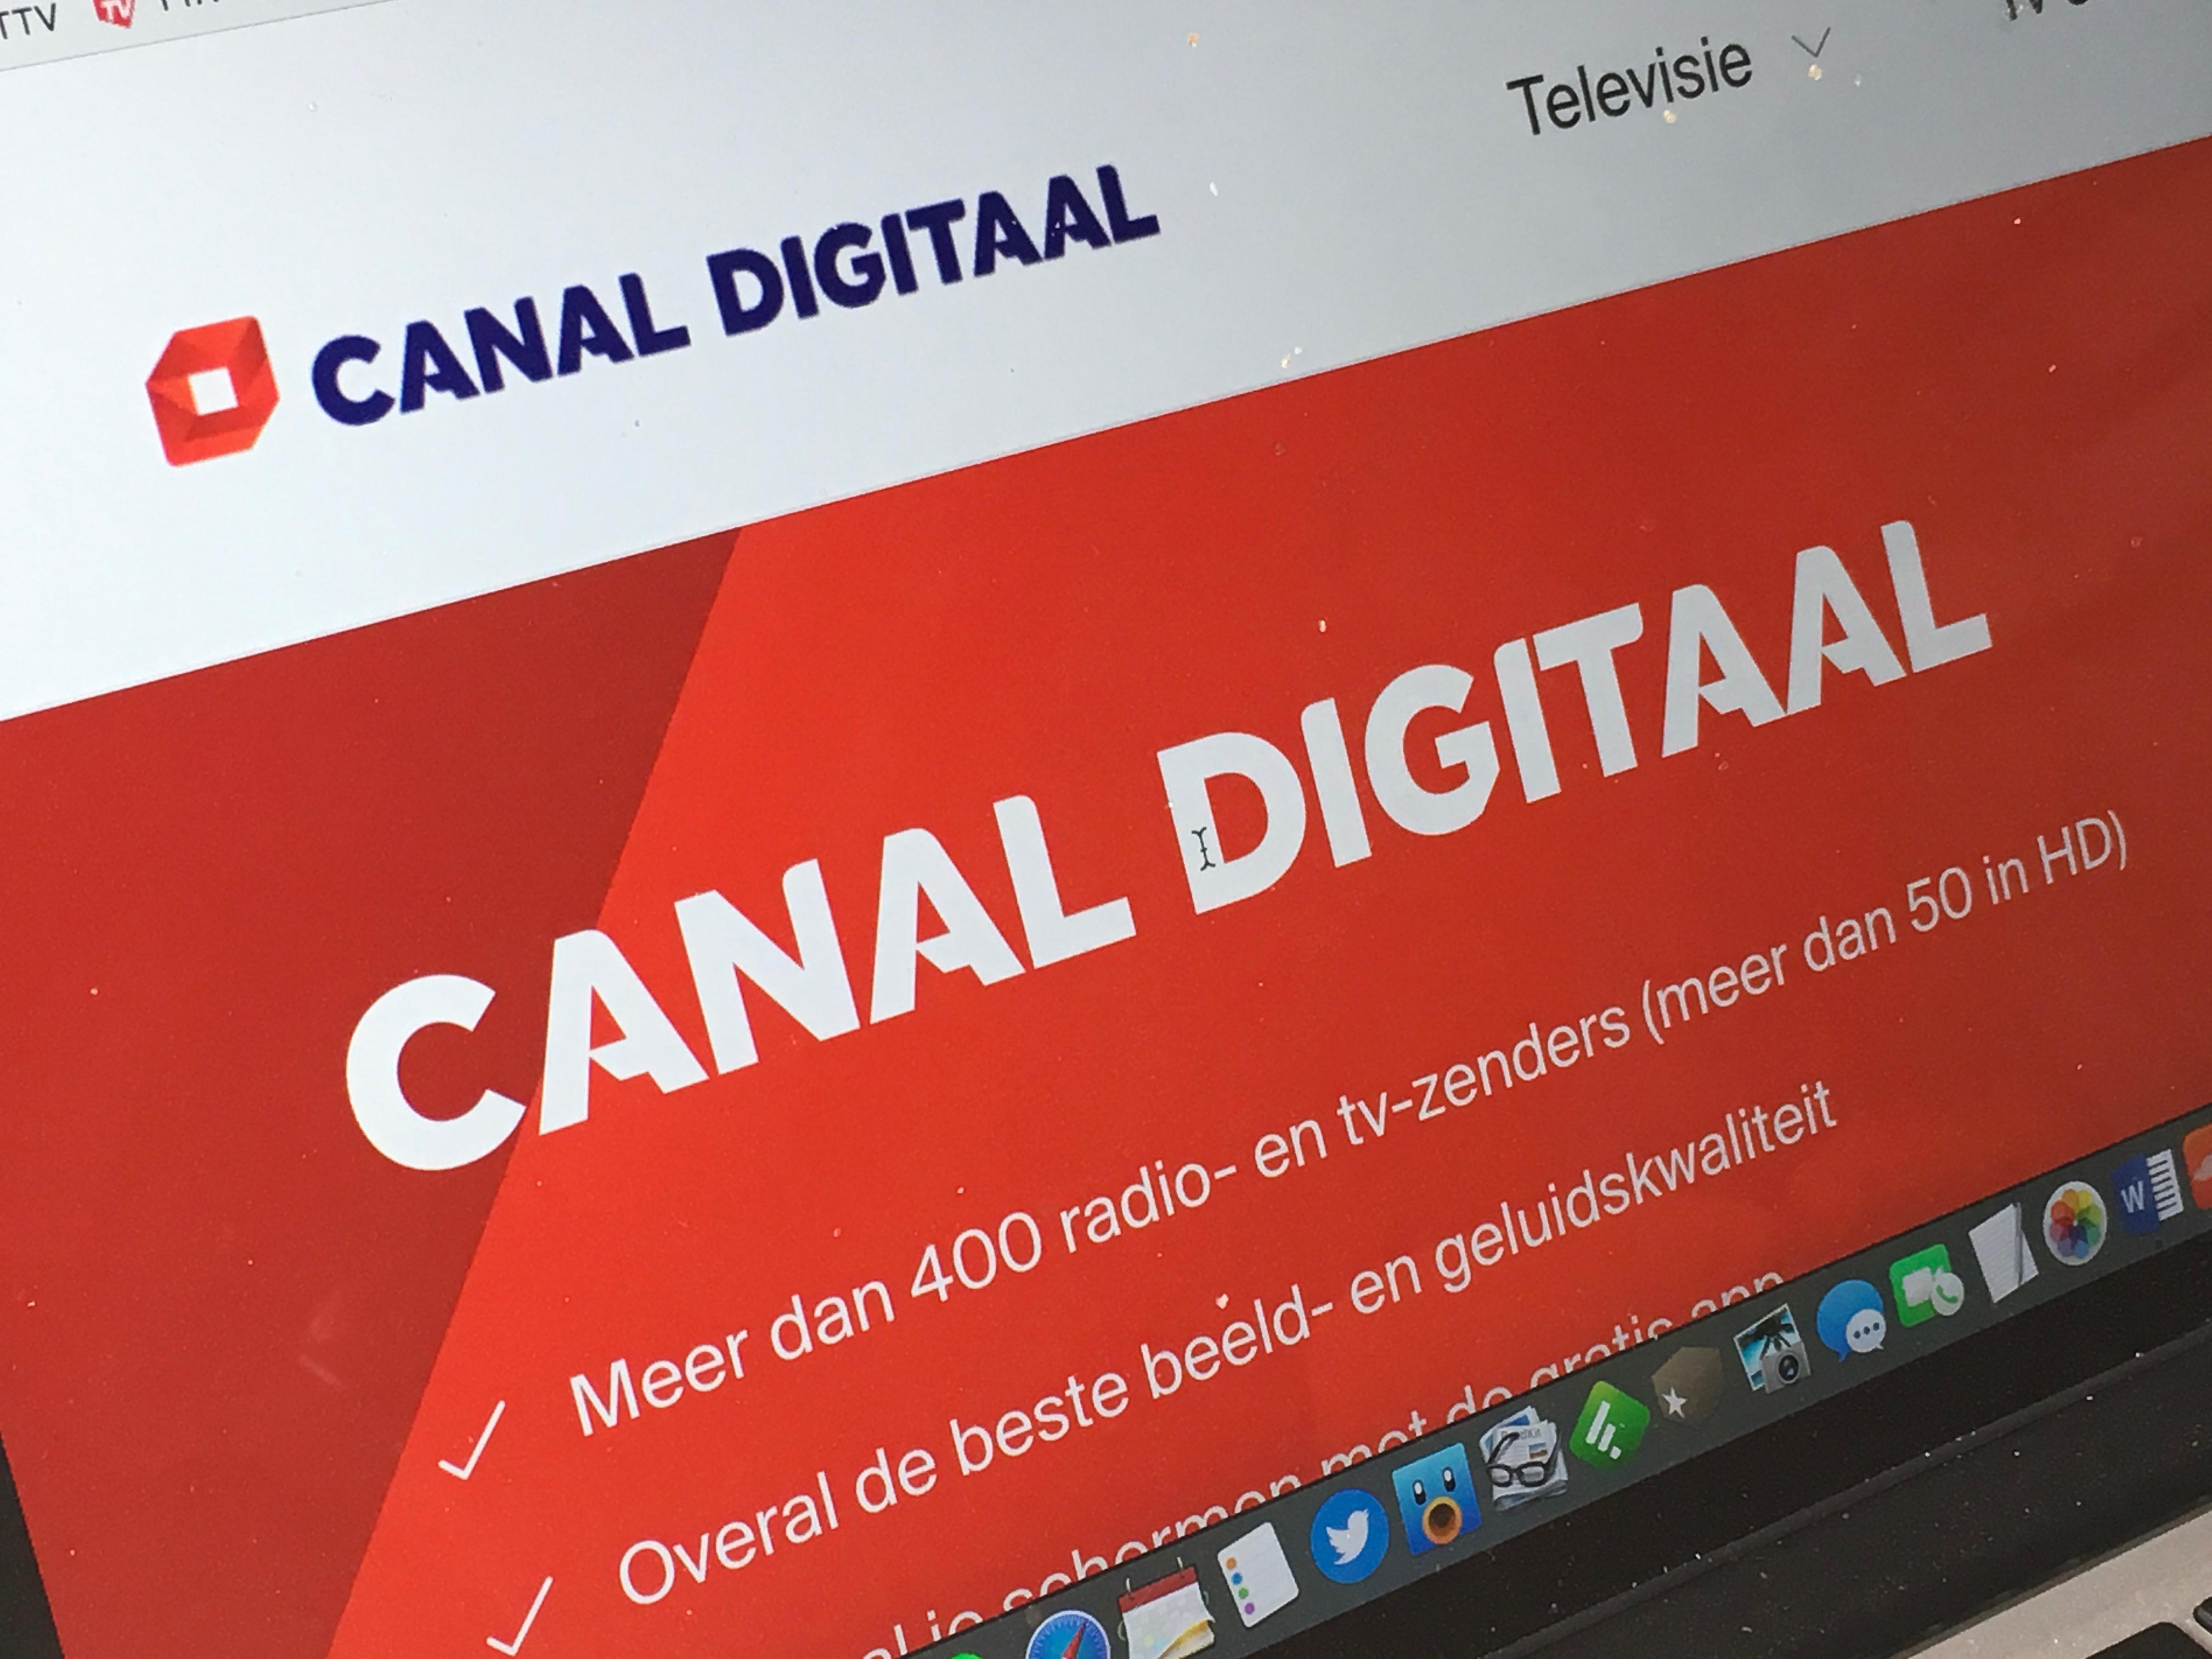 Canal Digitaal breidt met online diensten RTL uit